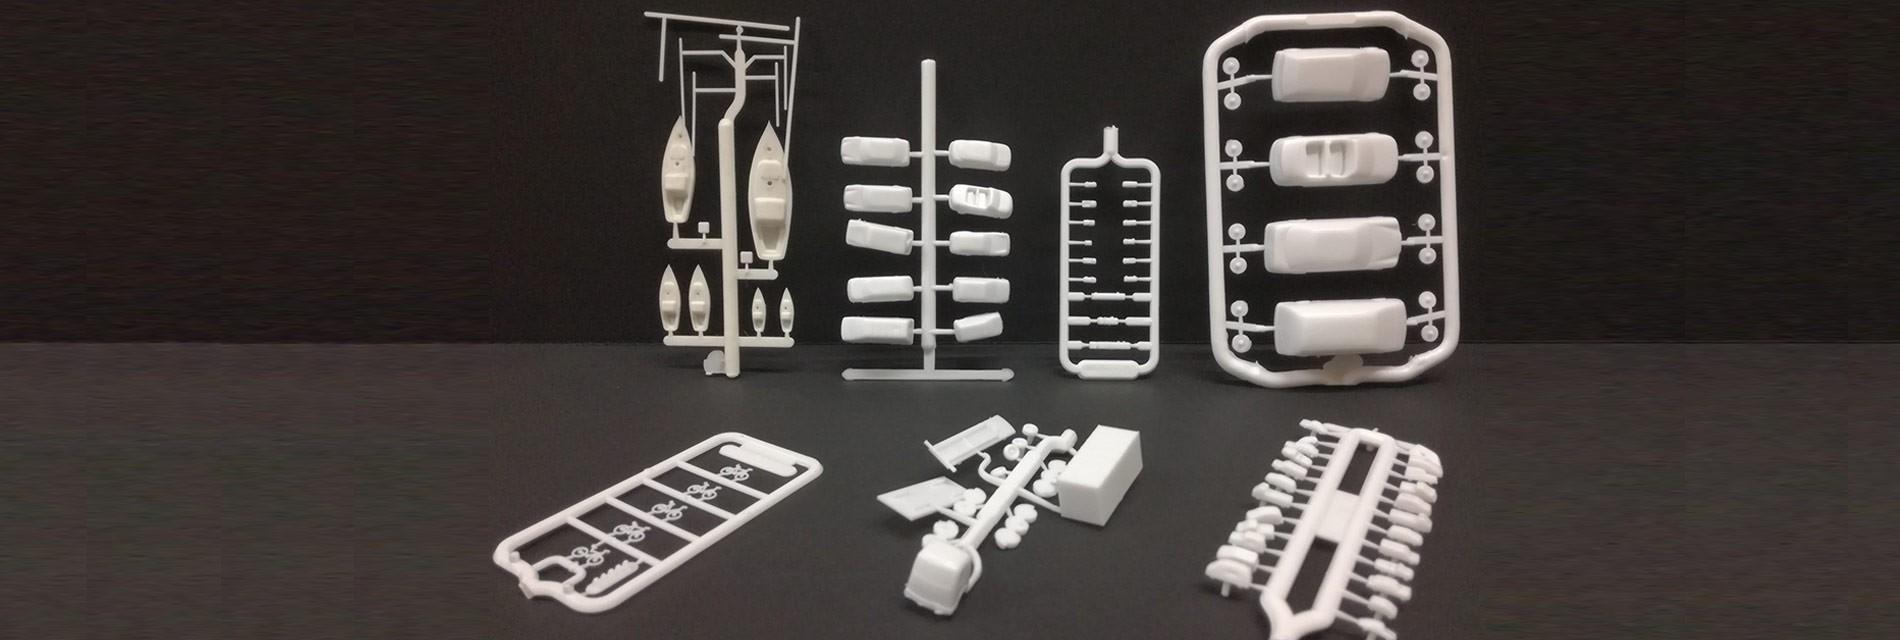 Fournitures pour maquettes Architecture - Urbanisme - Industrie Design - Modélisme